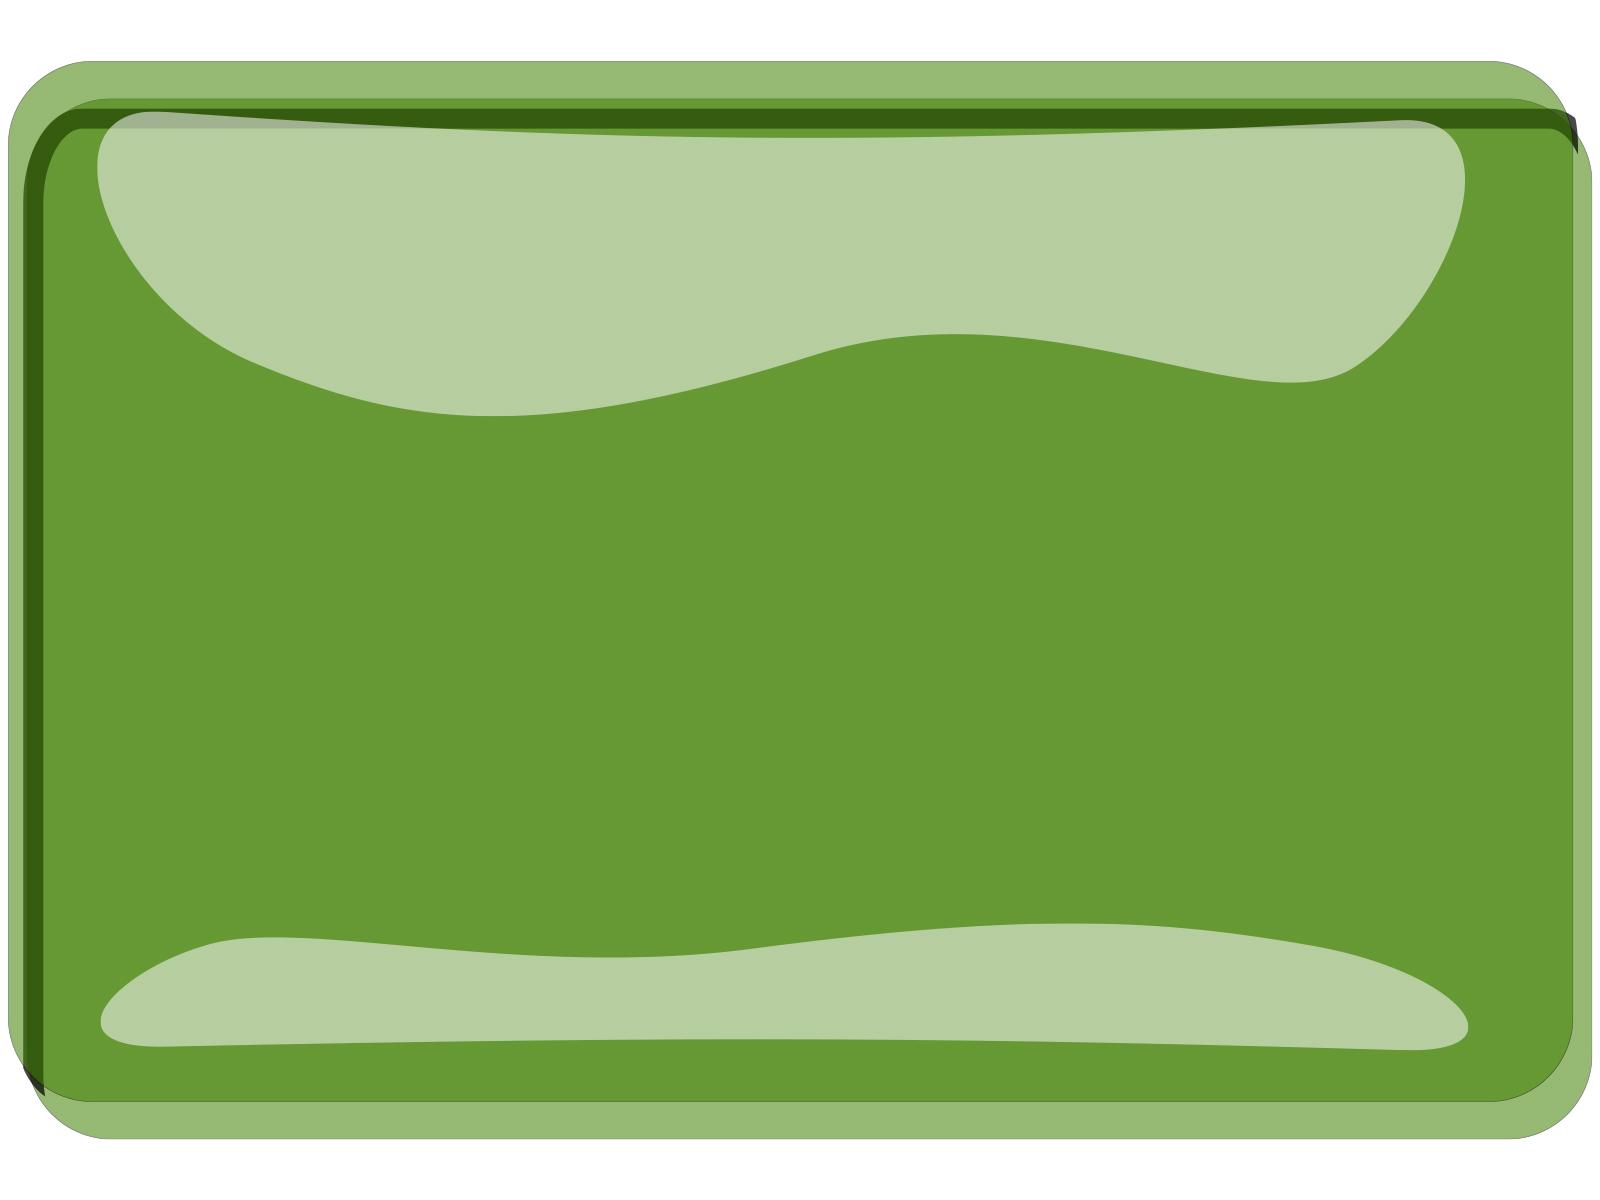 Green button ppt backgrounds cartoon green technology - Green button ...